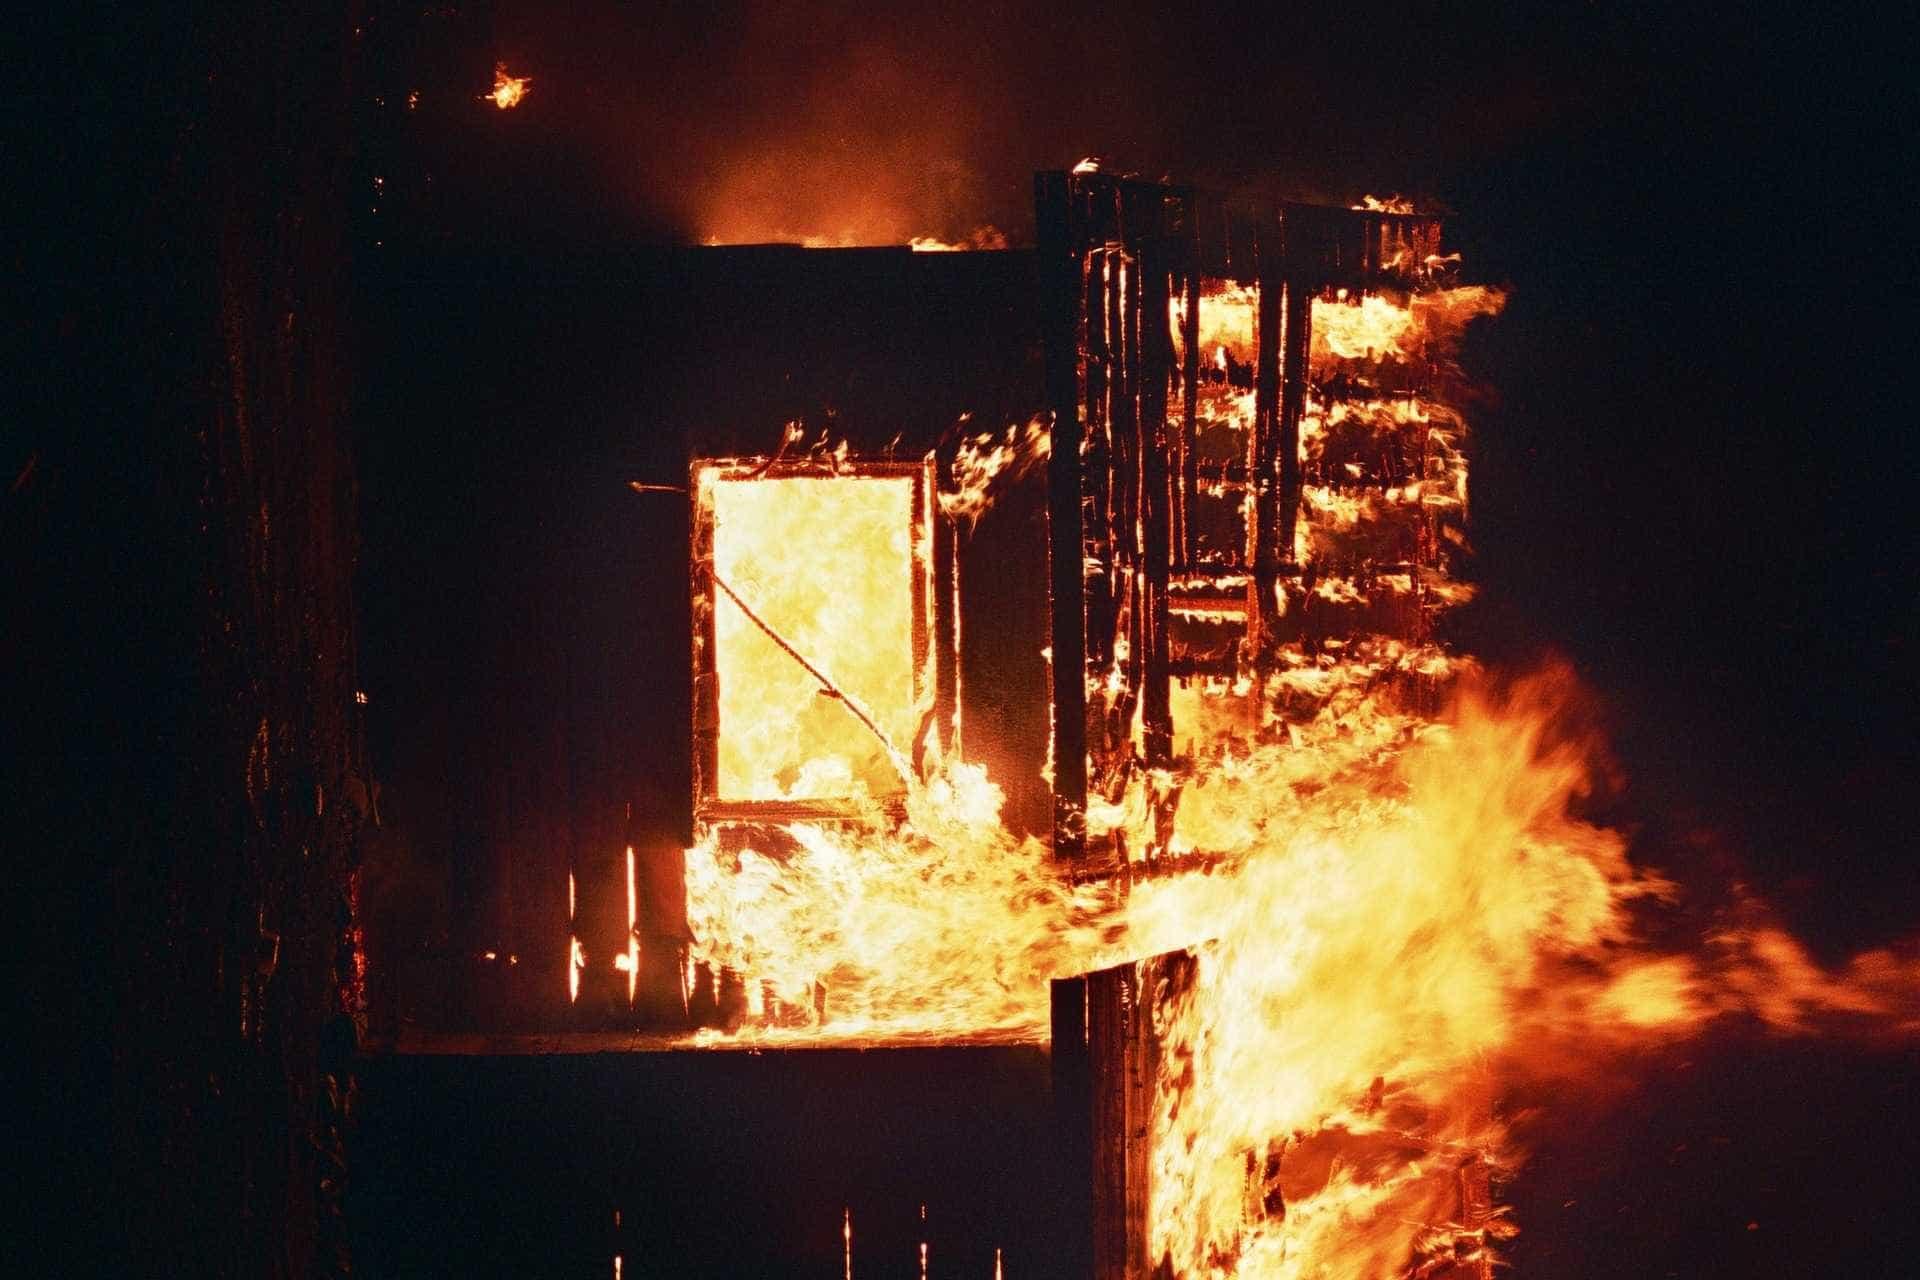 Incêndio atinge cinco casas e deixa um morto em São Paulo